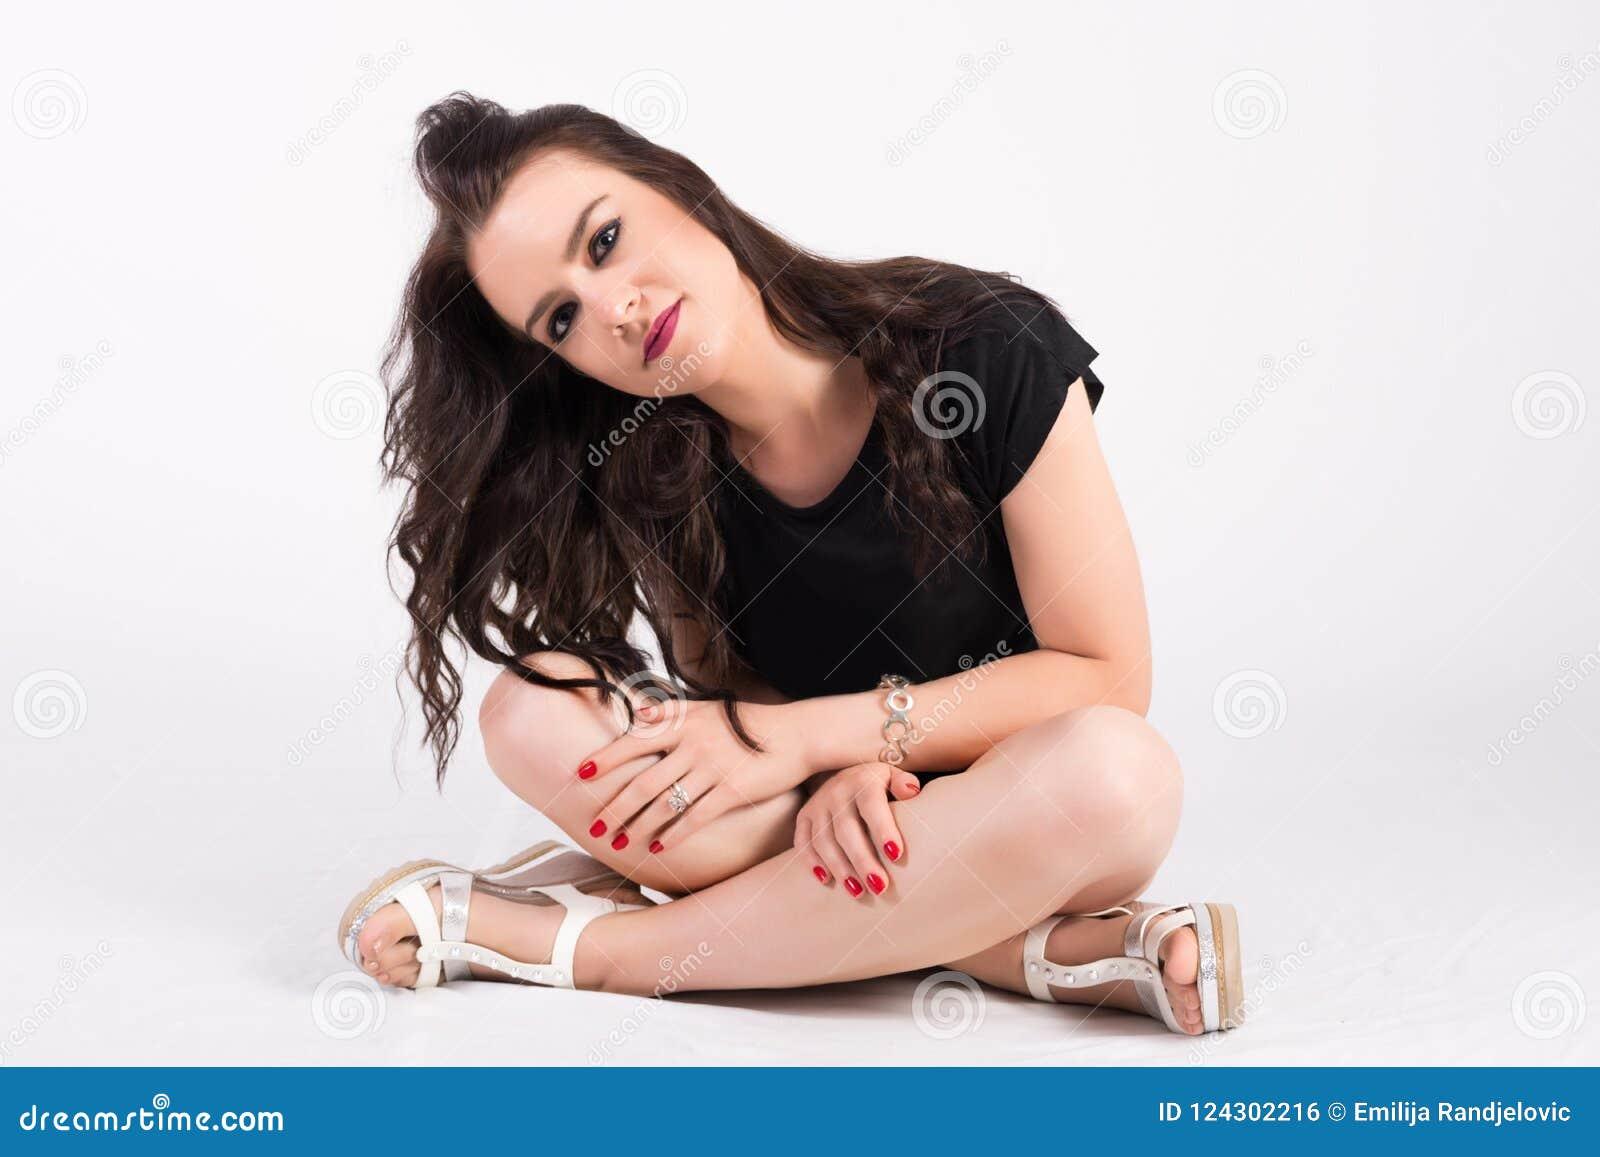 Black on white lesbian porno